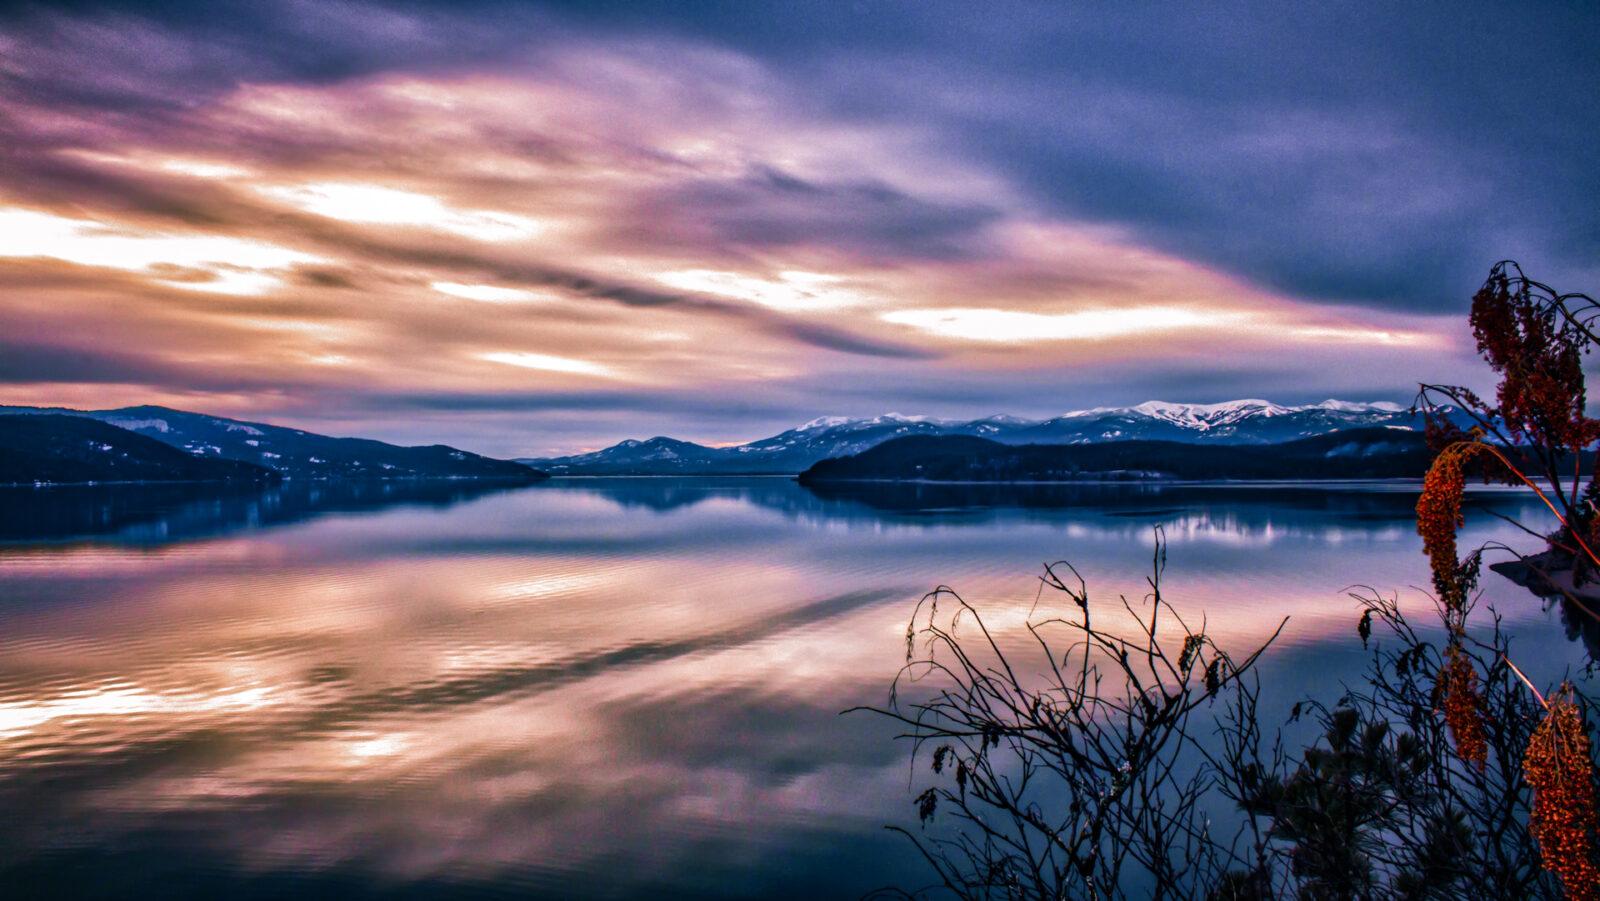 Schweitzer Mountain Sunset - HDR